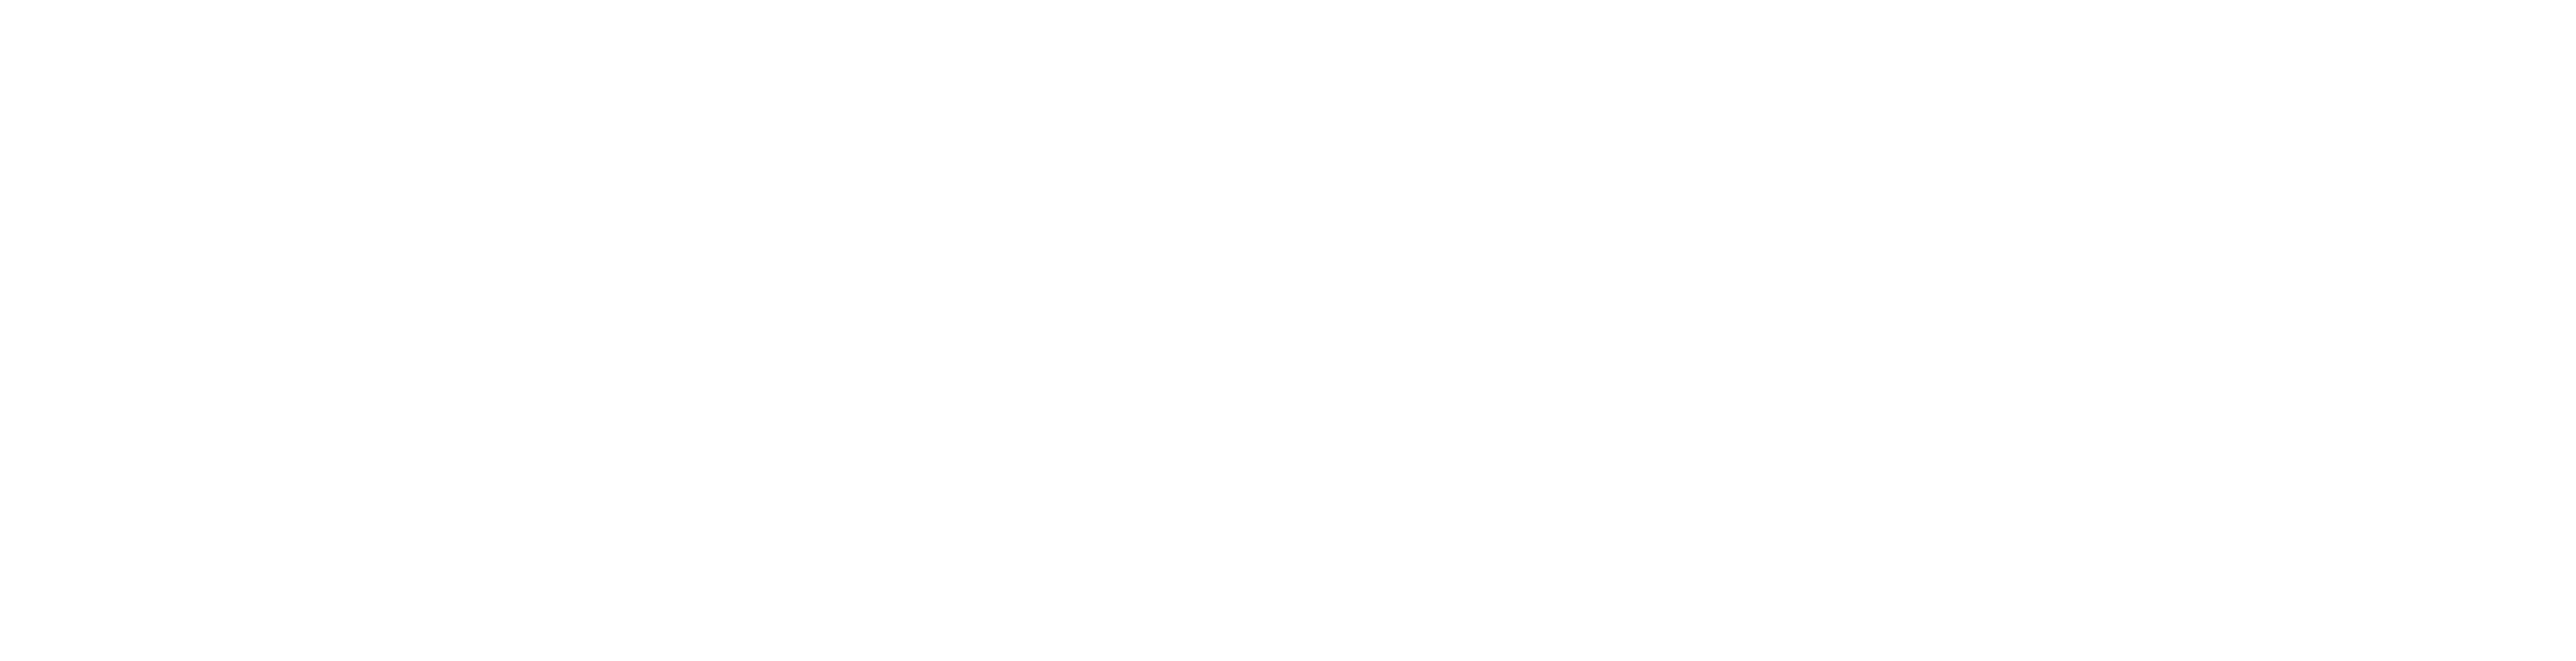 gradiska online